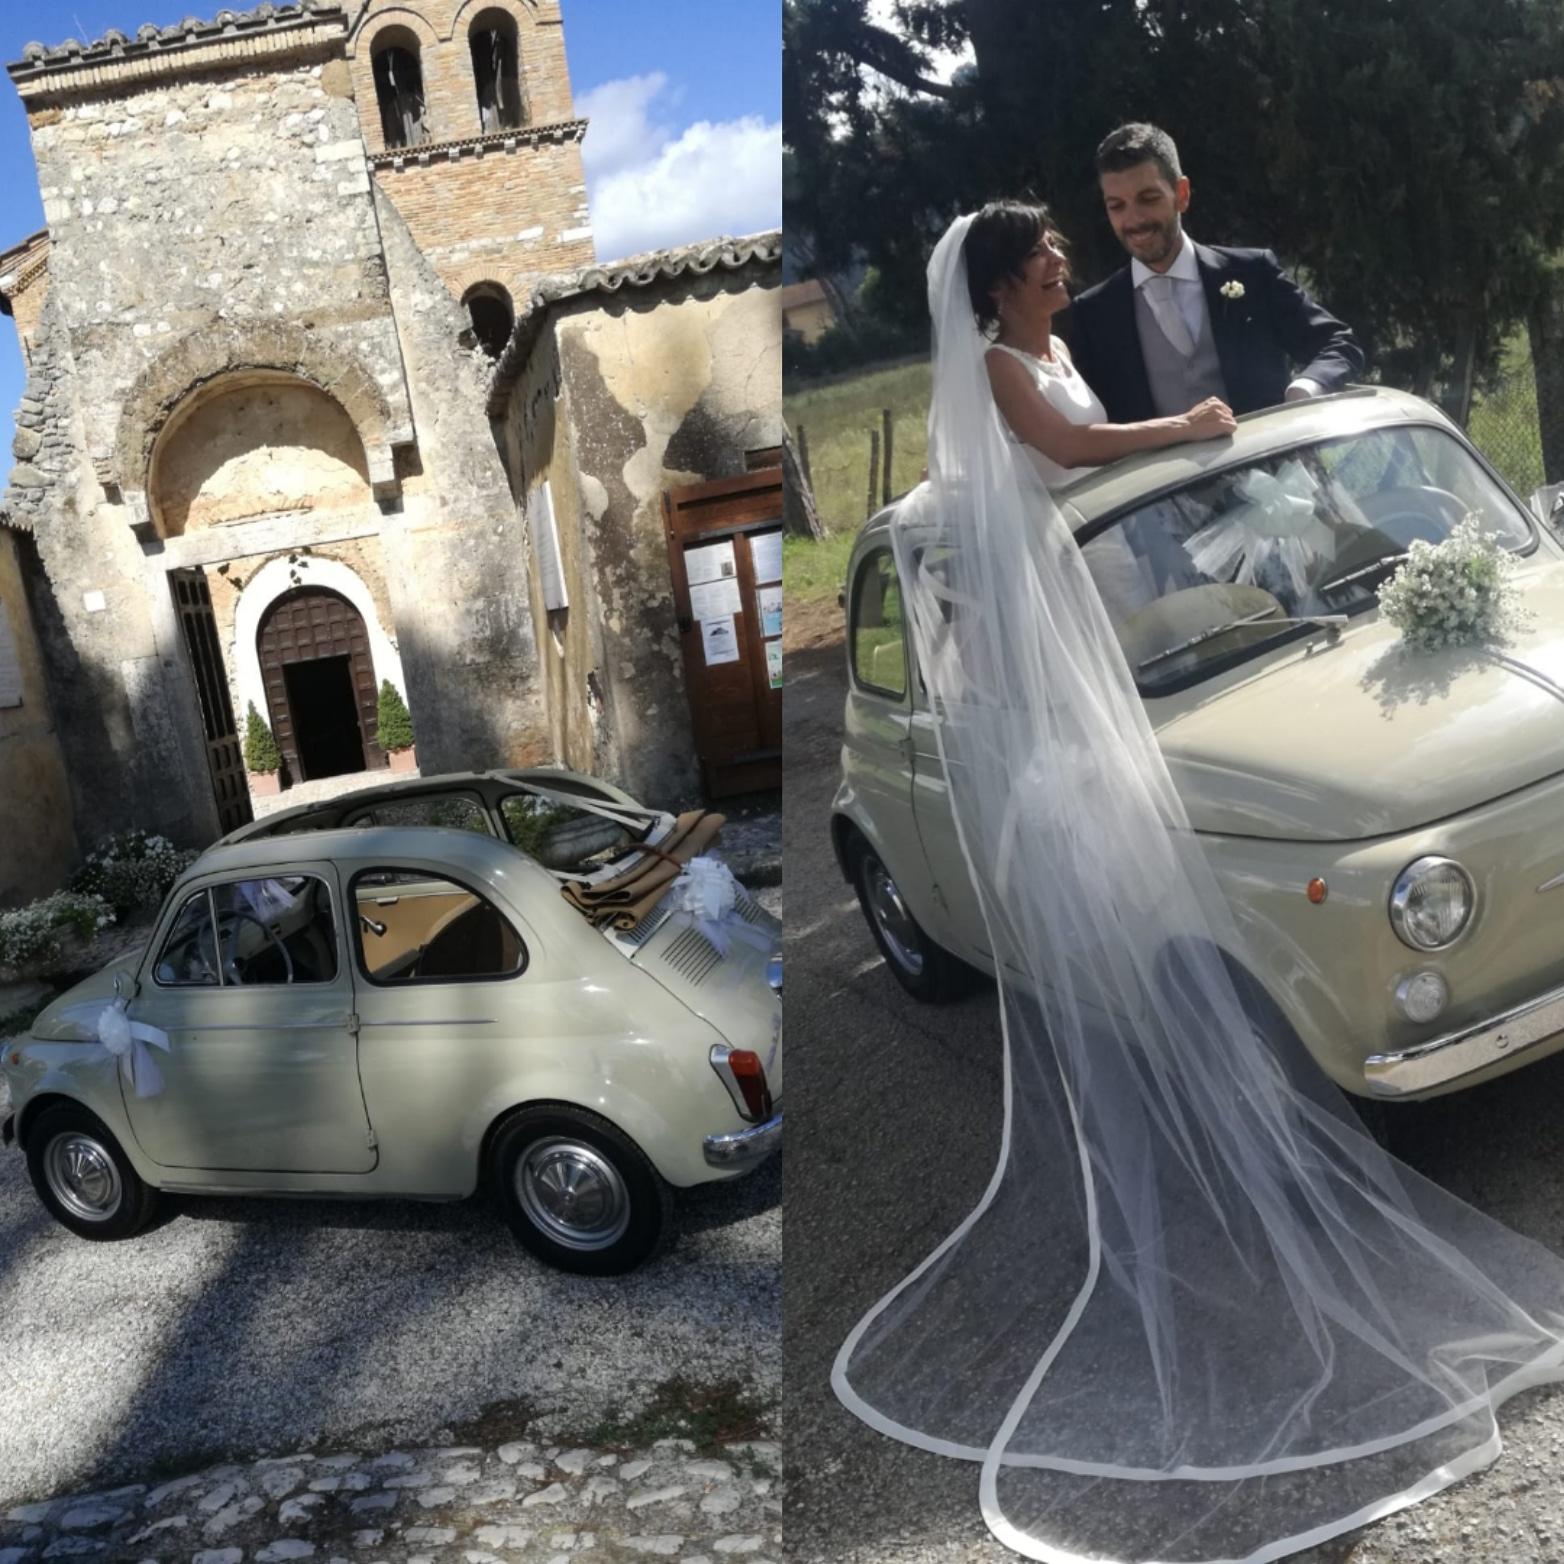 Noleggio auto matrimoni - Fiat 500 D - noleggio auto storiche